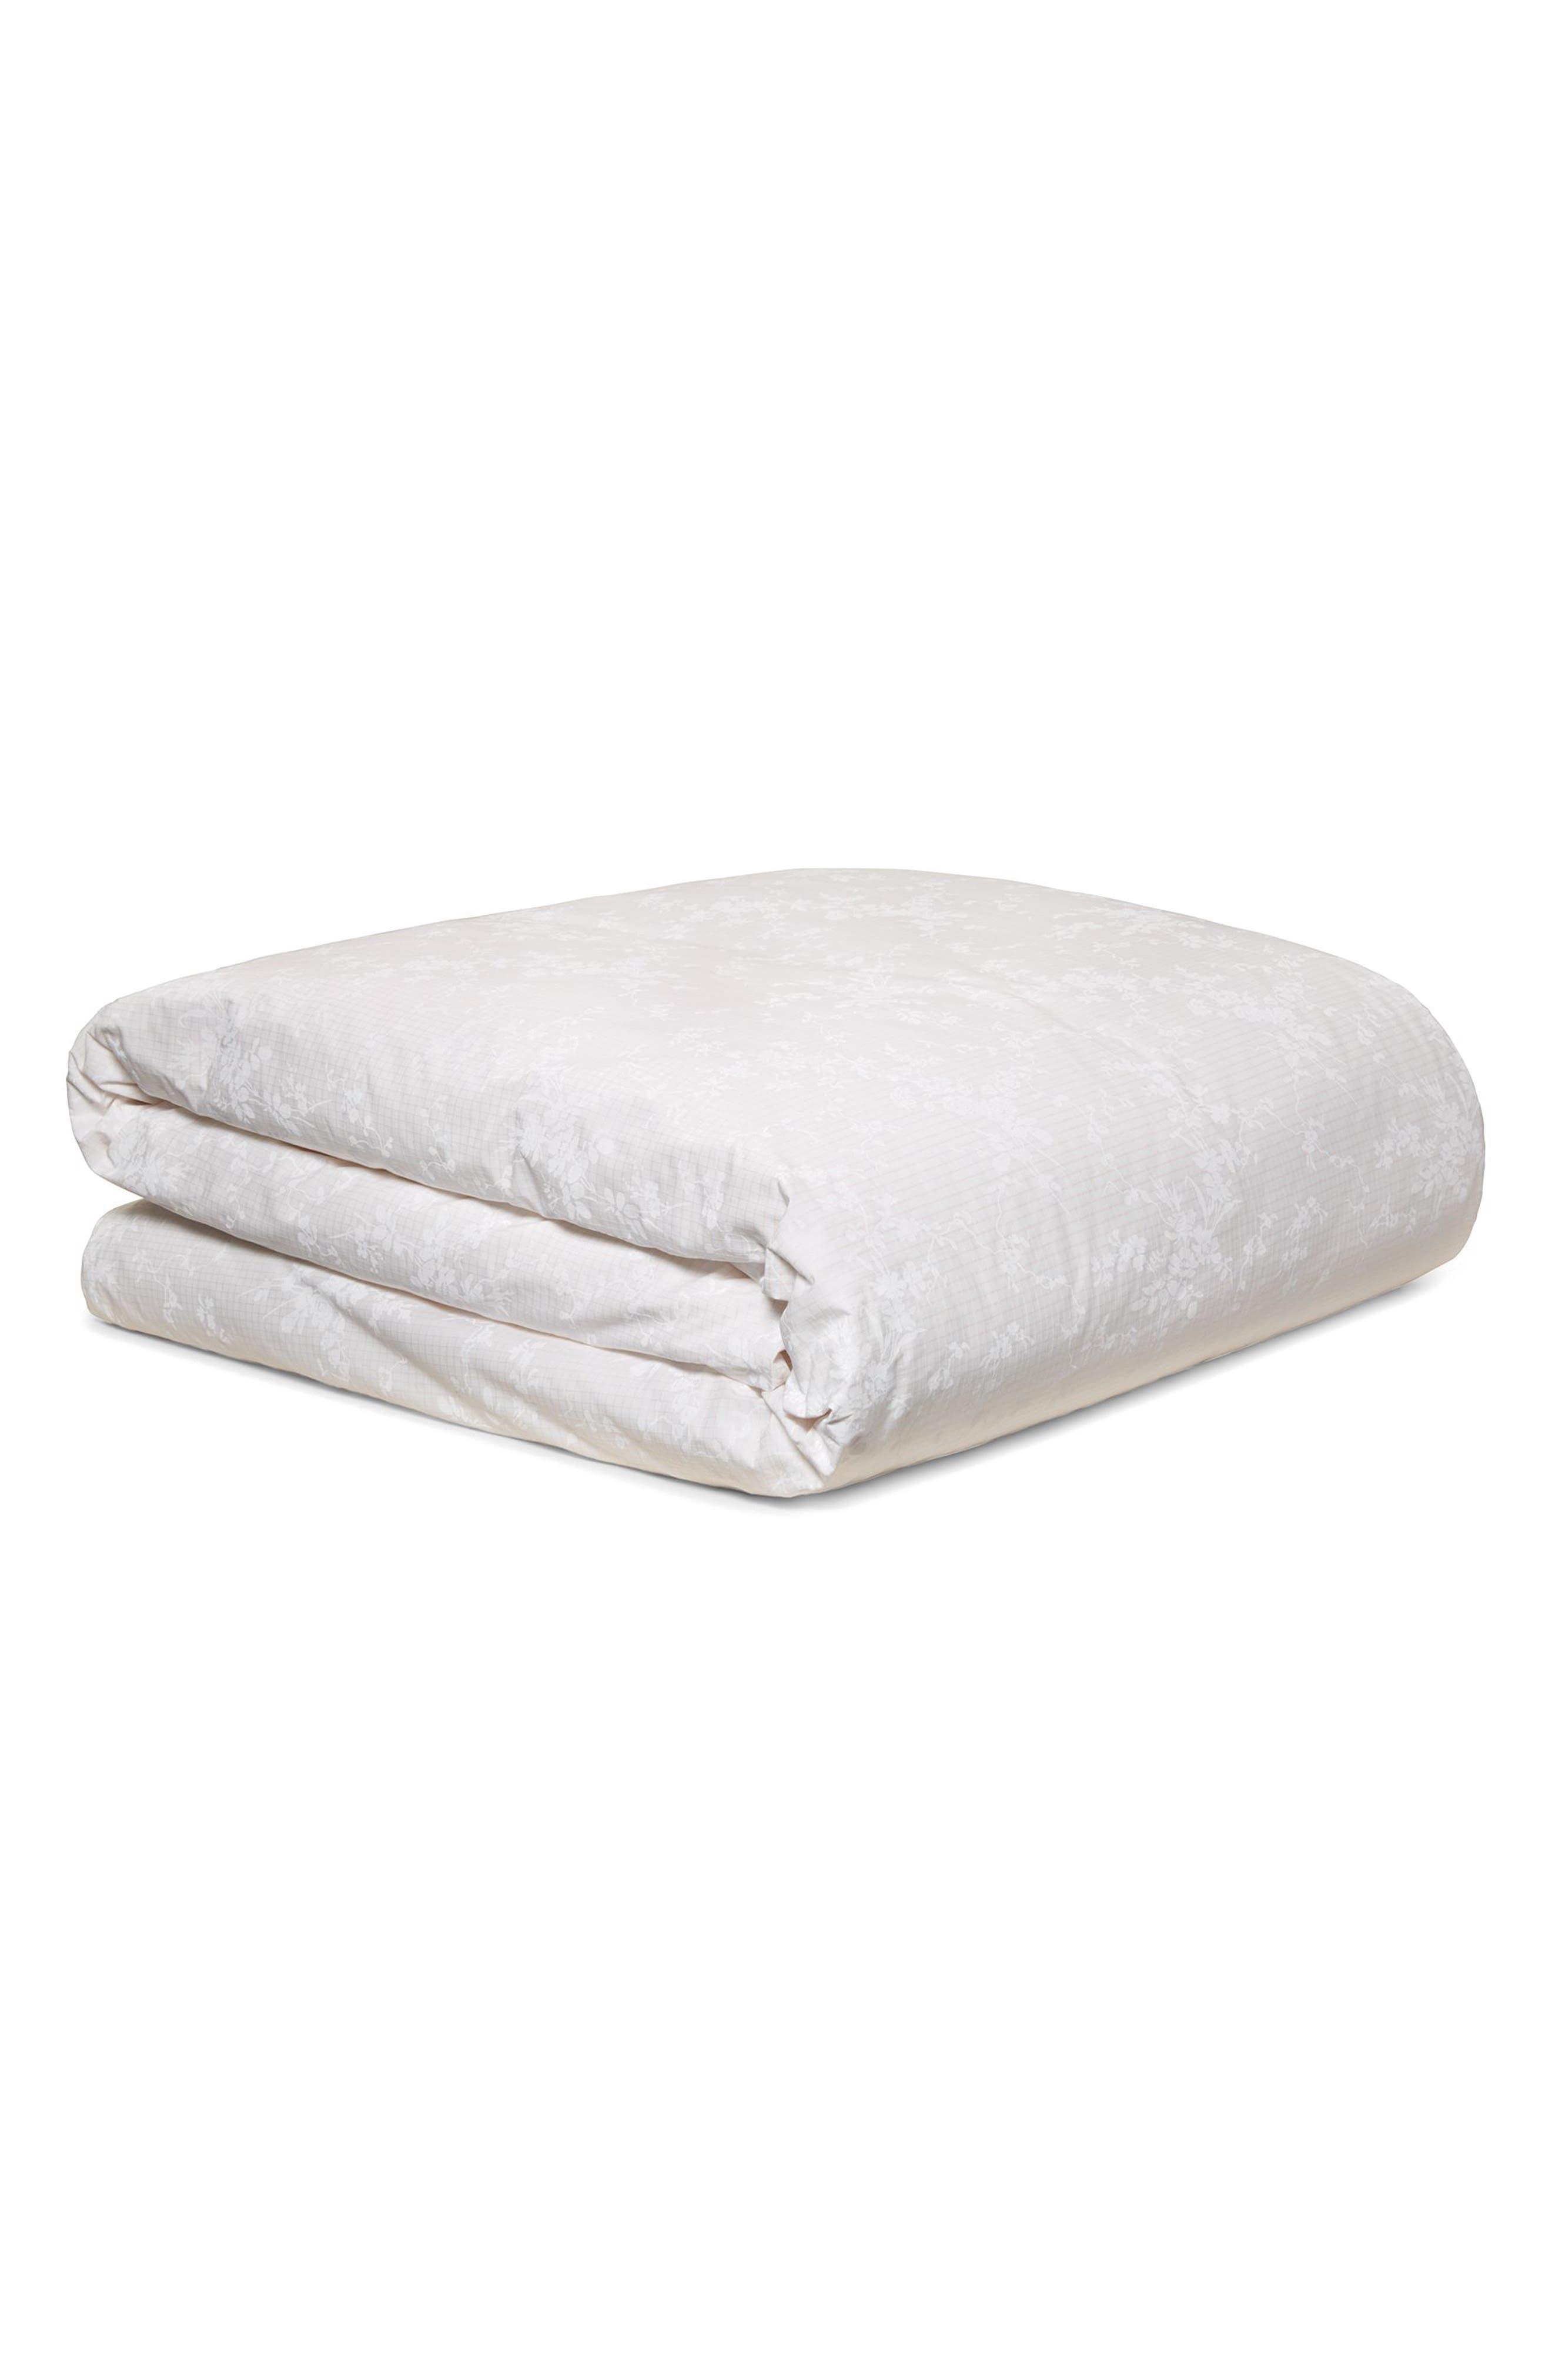 Rosamund Duvet Cover,                         Main,                         color, White